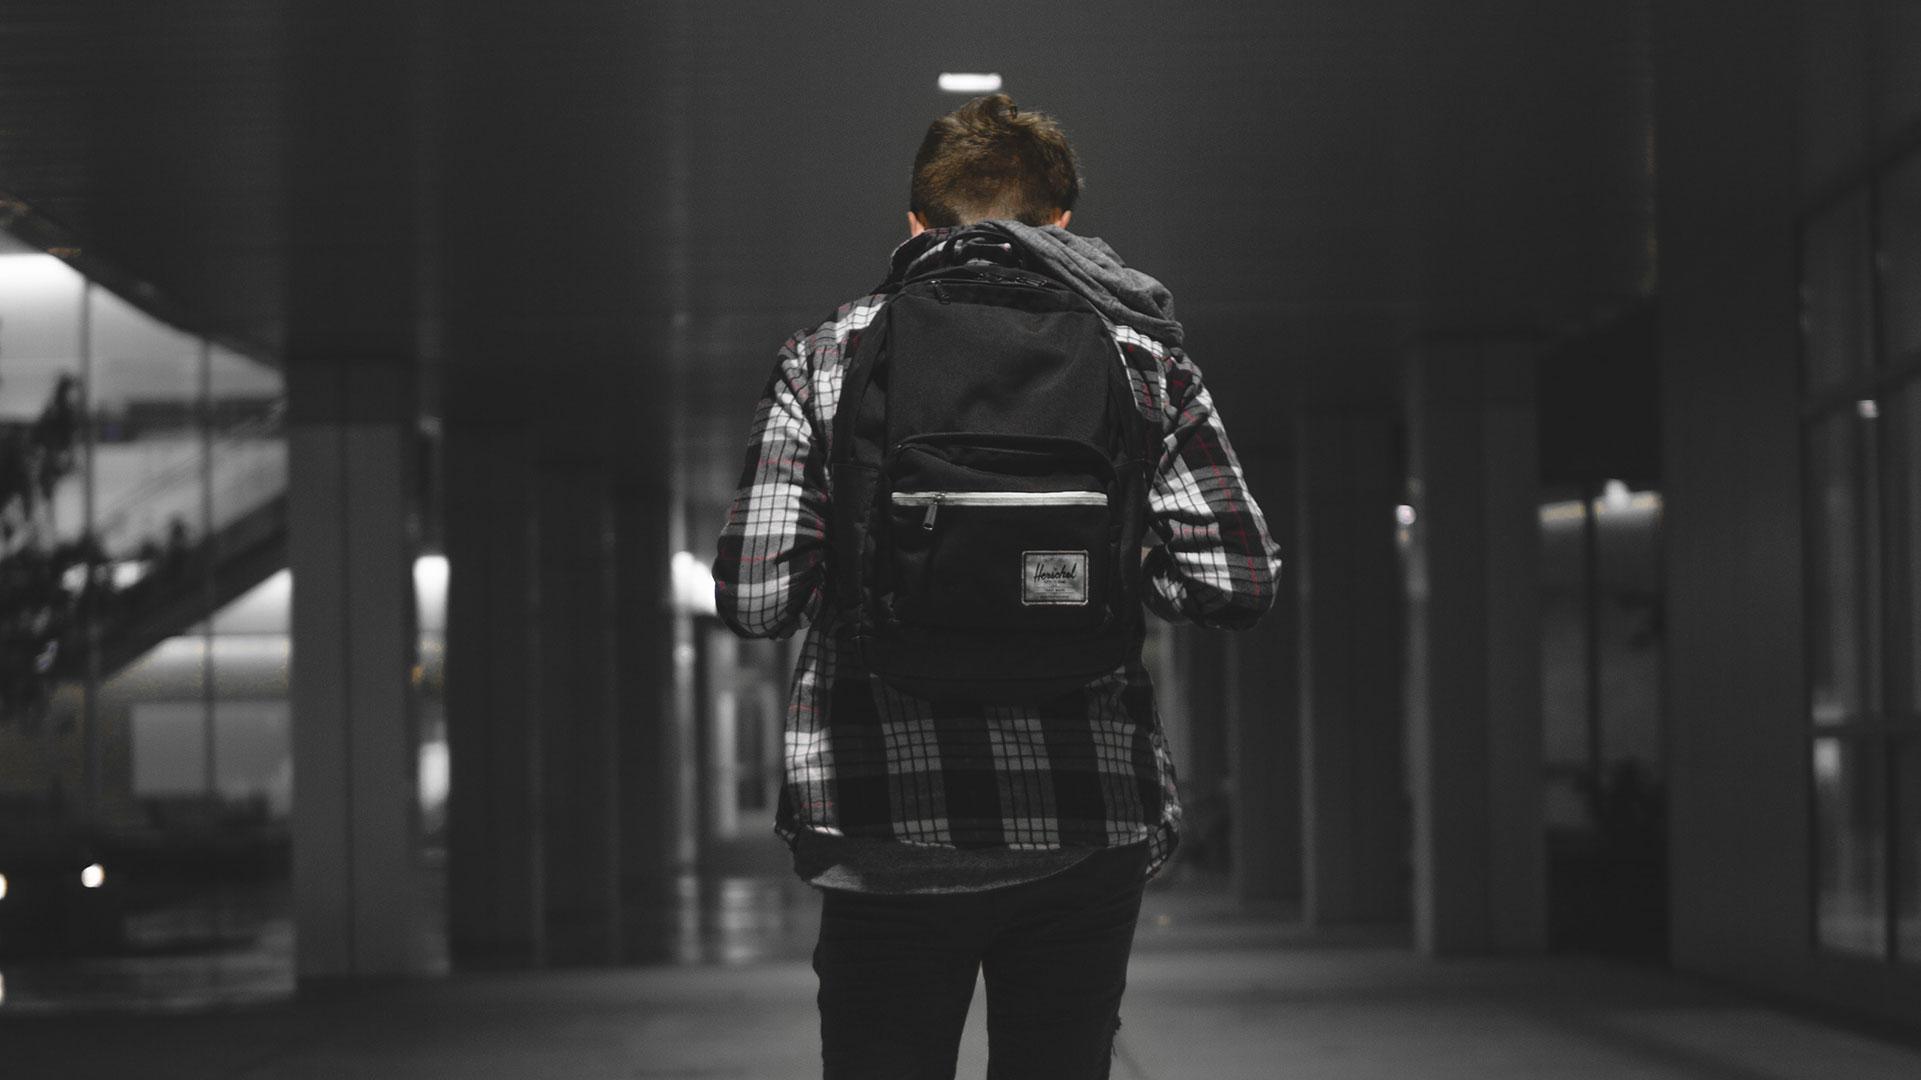 Lonely schoolboy